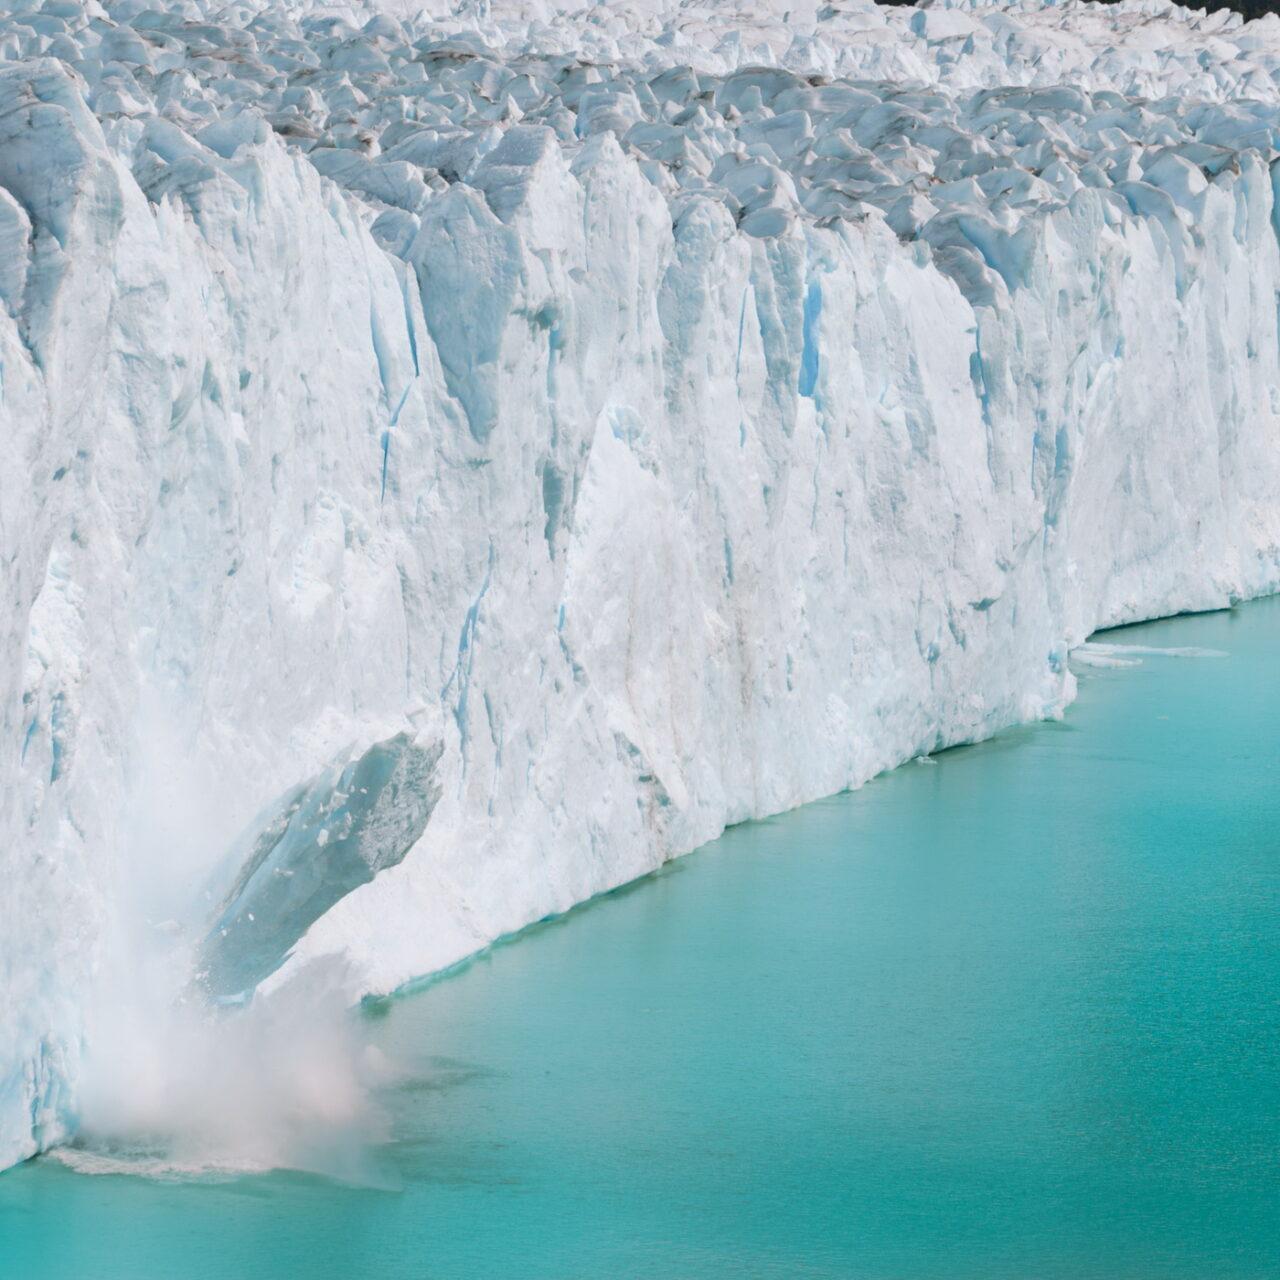 Zielmarke 1,75 °C – Aktive Portfoliosteuerung nach Klimametriken